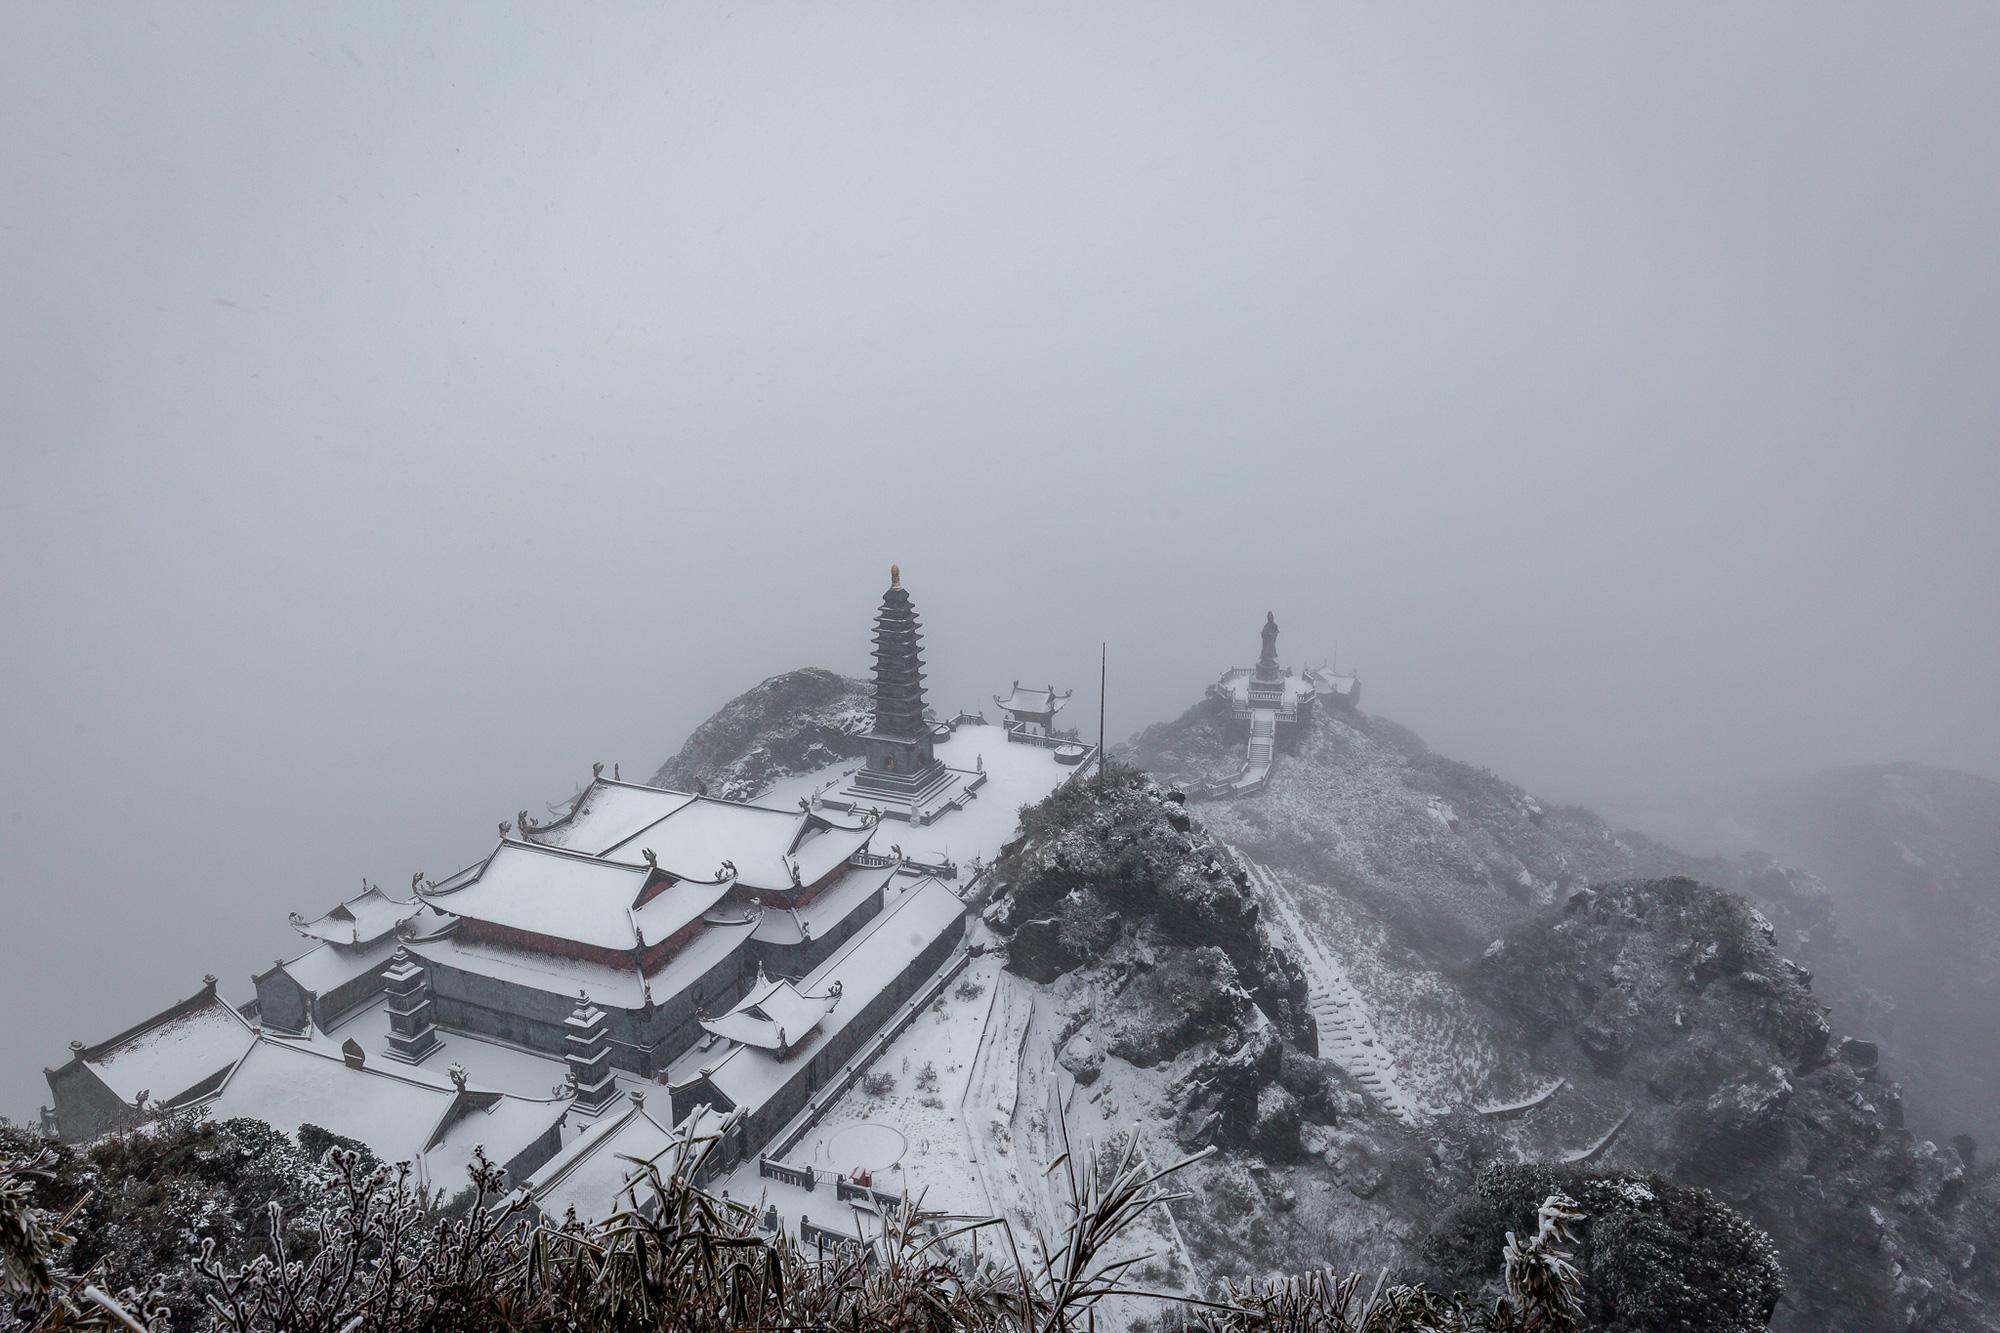 Cảnh đẹp mê ly trên đỉnh Fansipan trong ngày tuyết rơi dày chưa từng có - Ảnh 3.